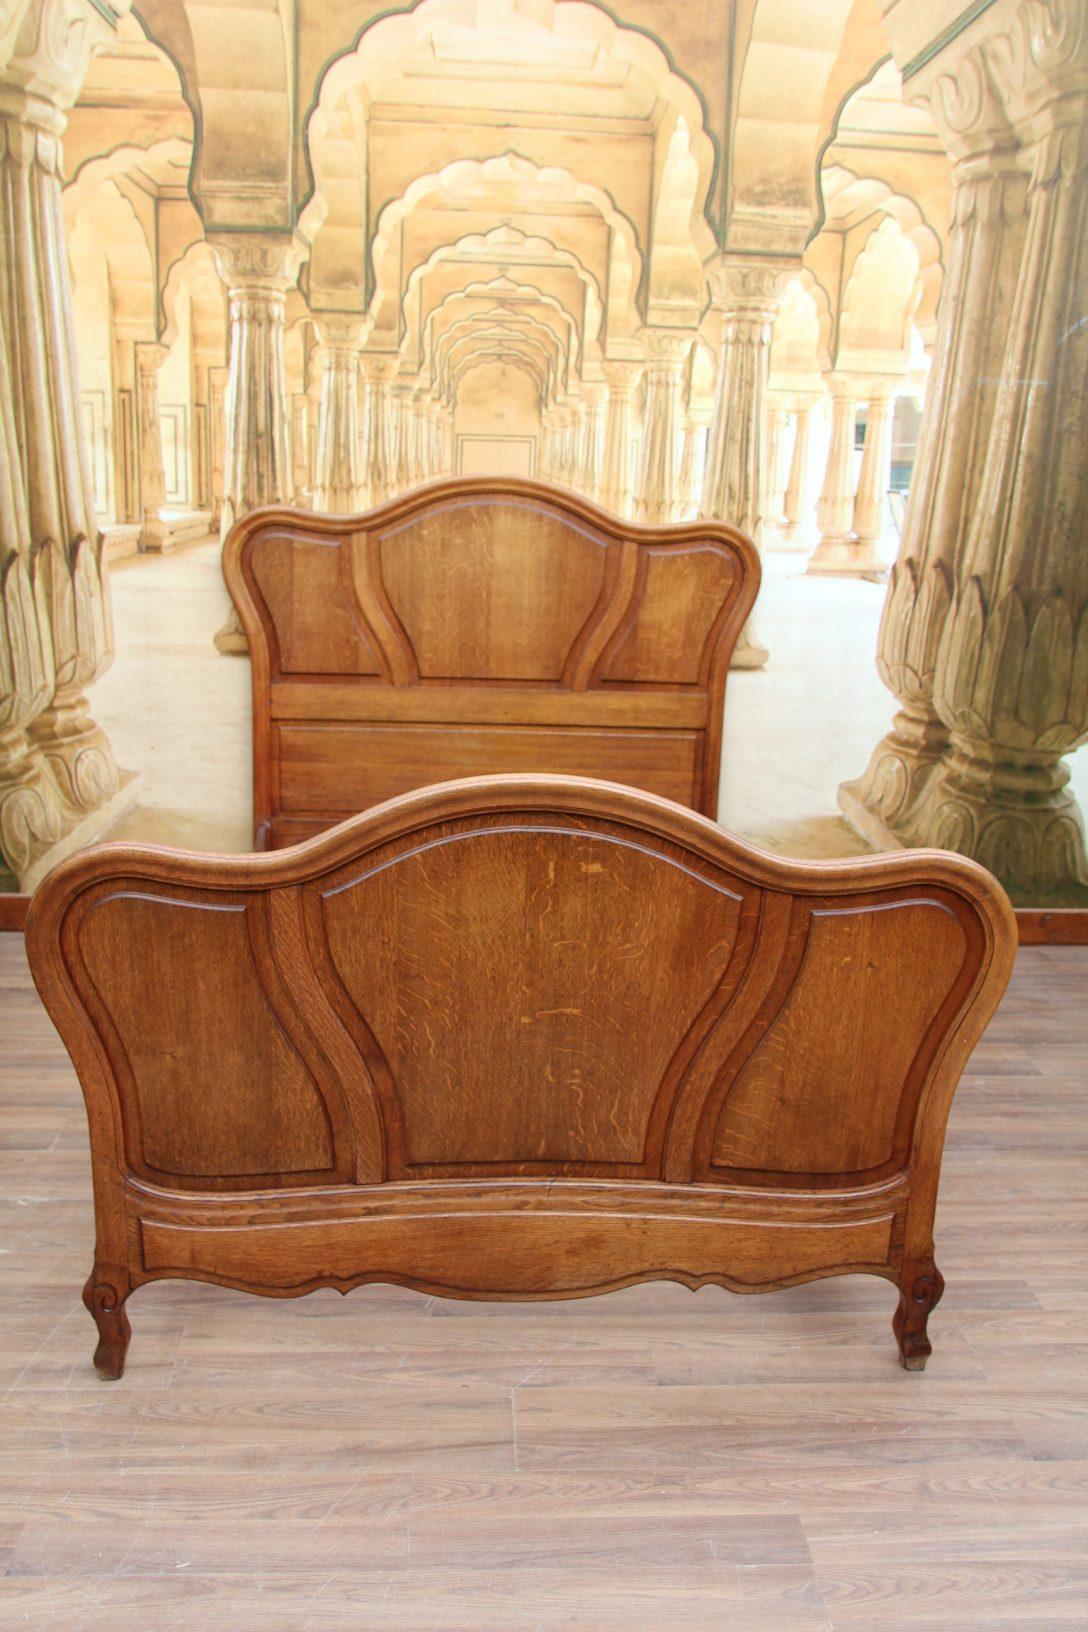 Large Size of Barock Bett Breite Modern Design Mit Ausziehbett Treca Betten Test Baza Clinique Even Better Holz Outlet Eiche Massiv 180x200 Schutzgitter Hoch Großes Bett Bett Barock